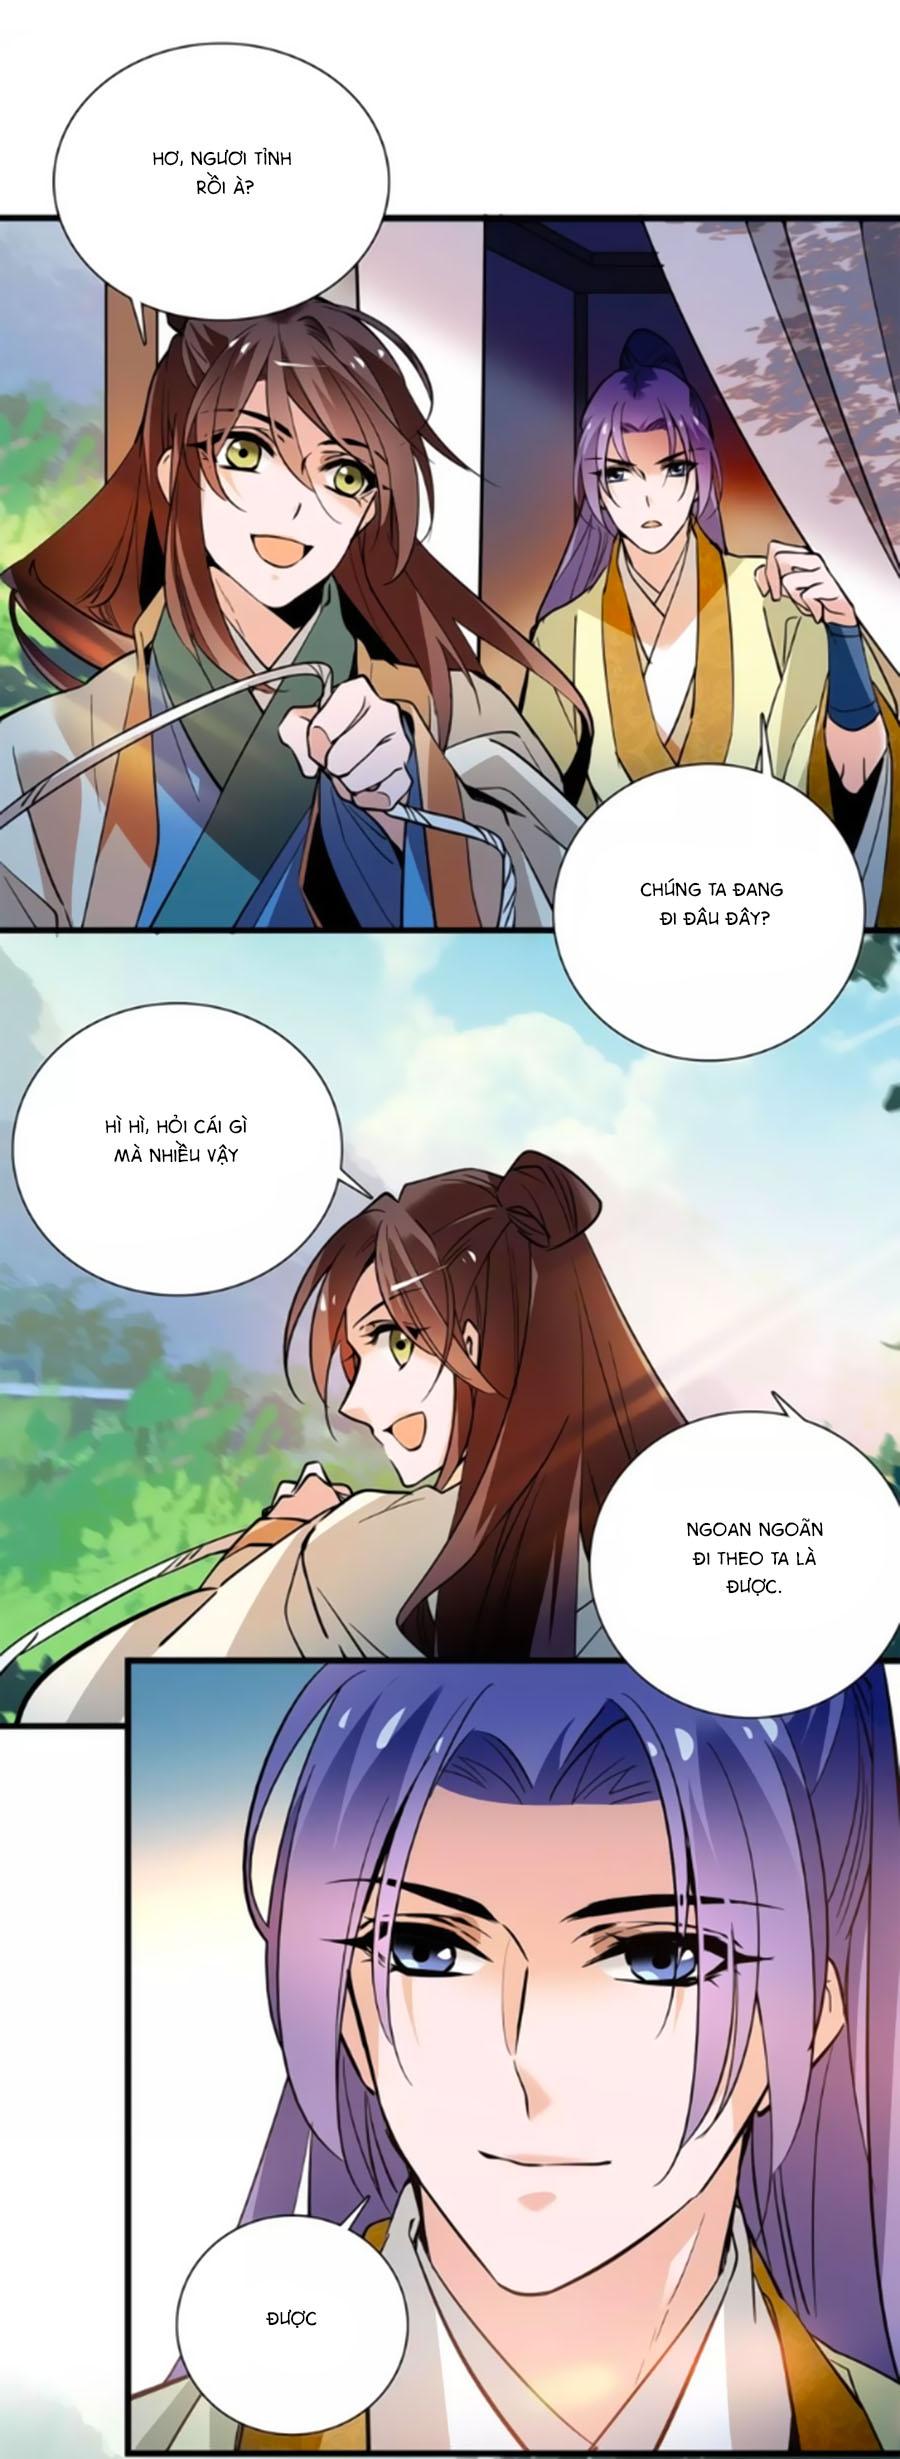 Hoàng Thượng! Hãy Sủng Ái Ta Đi! chap 86 - Trang 12